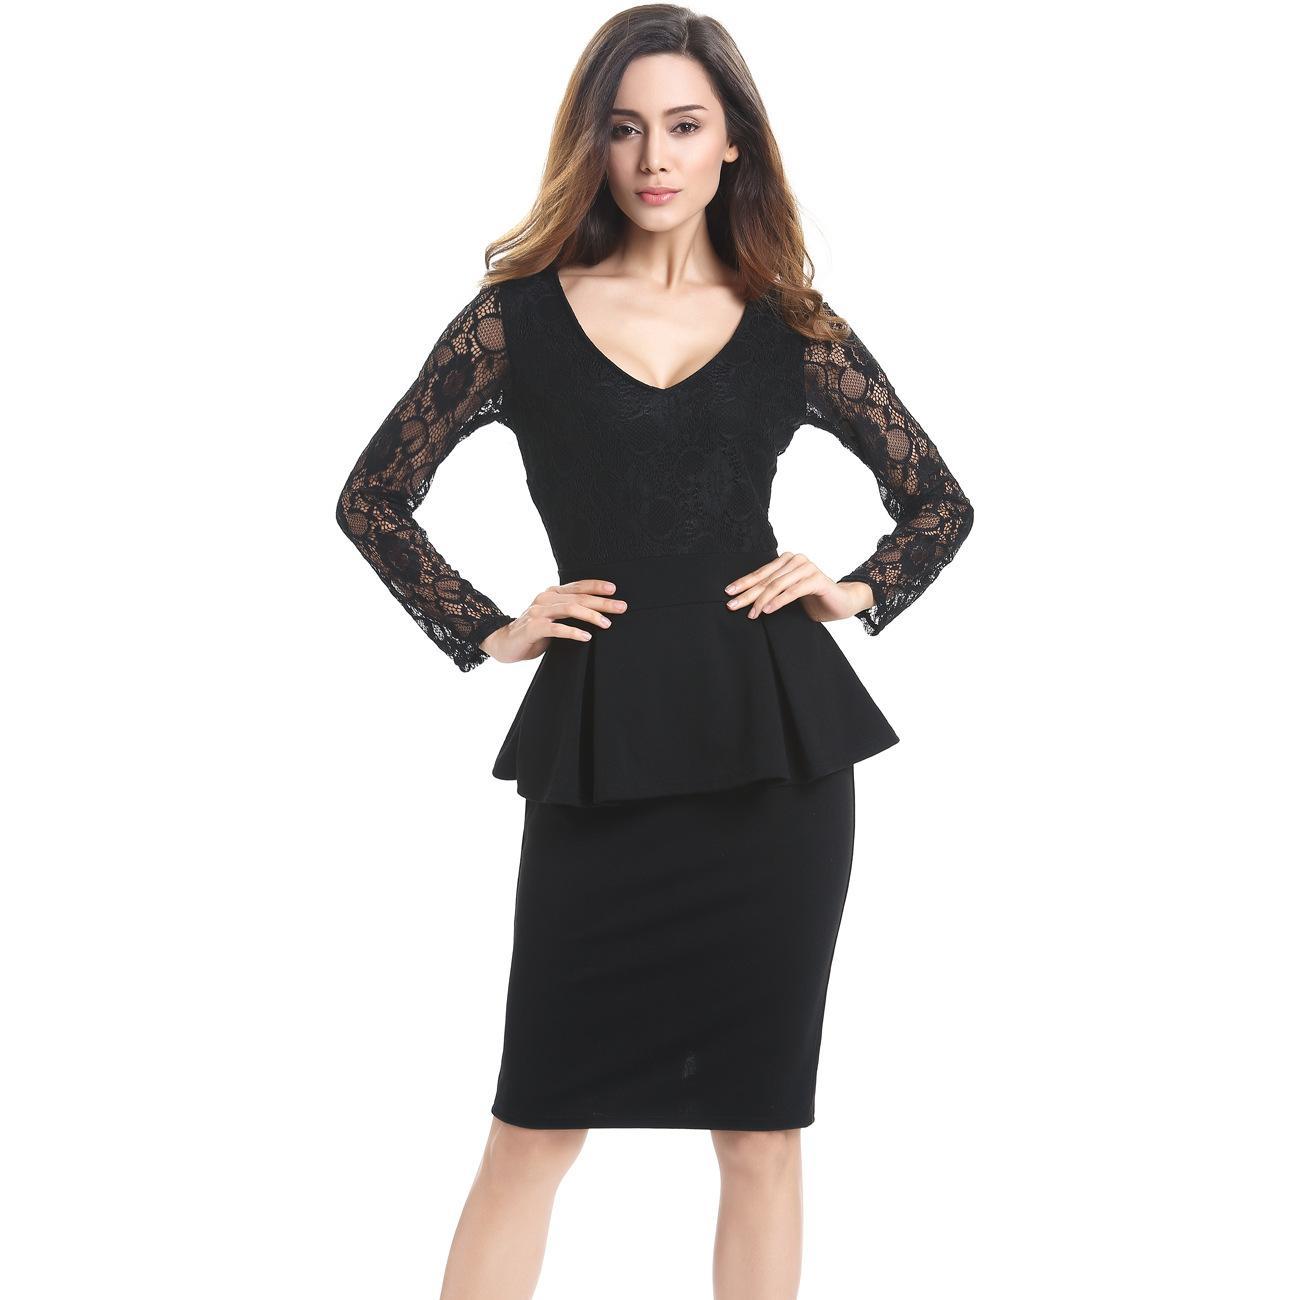 2677737316601 Satın Al Dantel Kalem Elbiseler Kadınlar Uzun Kollu İnce Meslek Çalışma  Elbise Diz Boyu Ofis Kariyer Siyah Elbise, $26.14   DHgate.Com'da